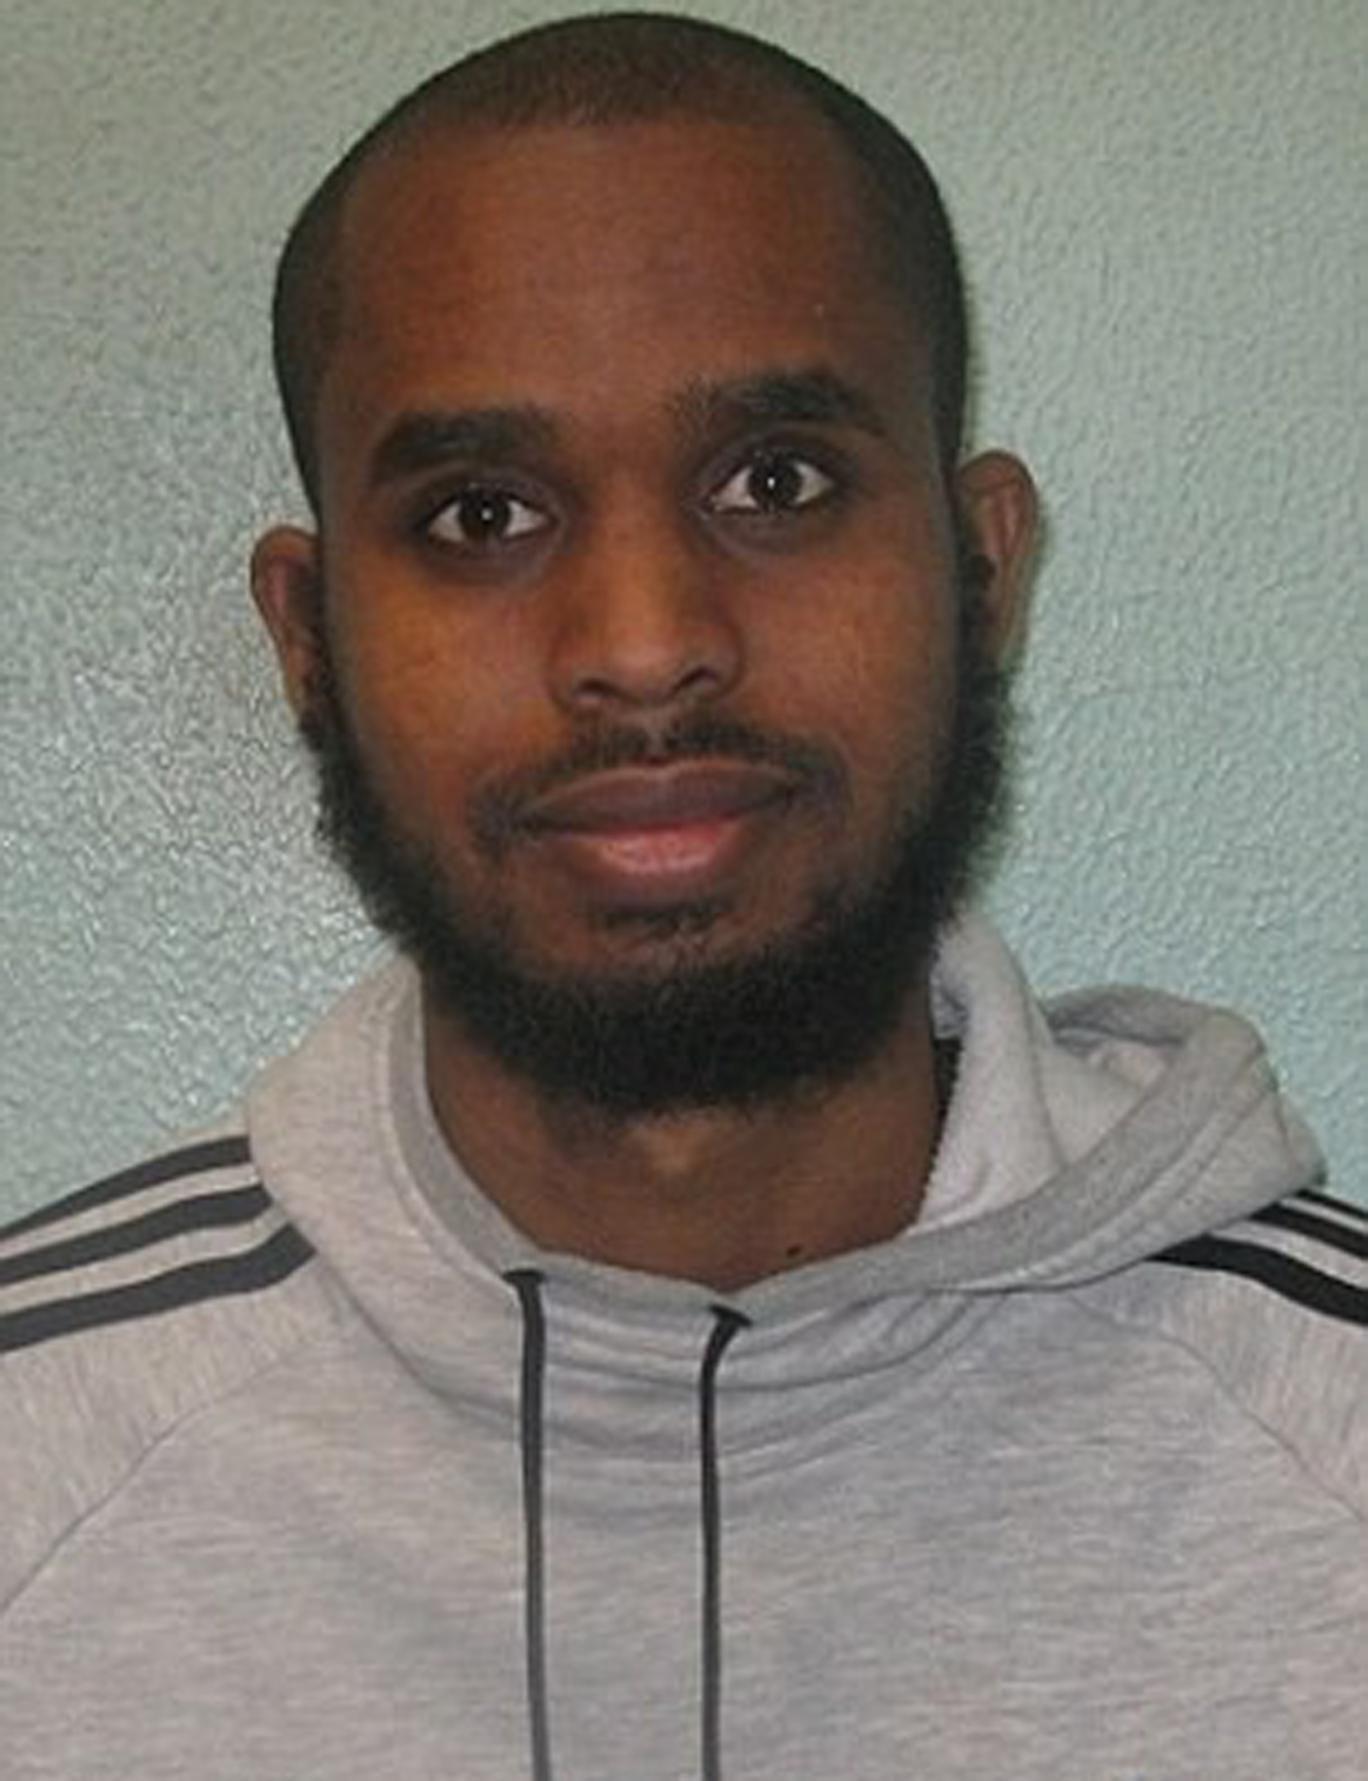 Ibrahim Magag was said to have links with al-Qa'ida